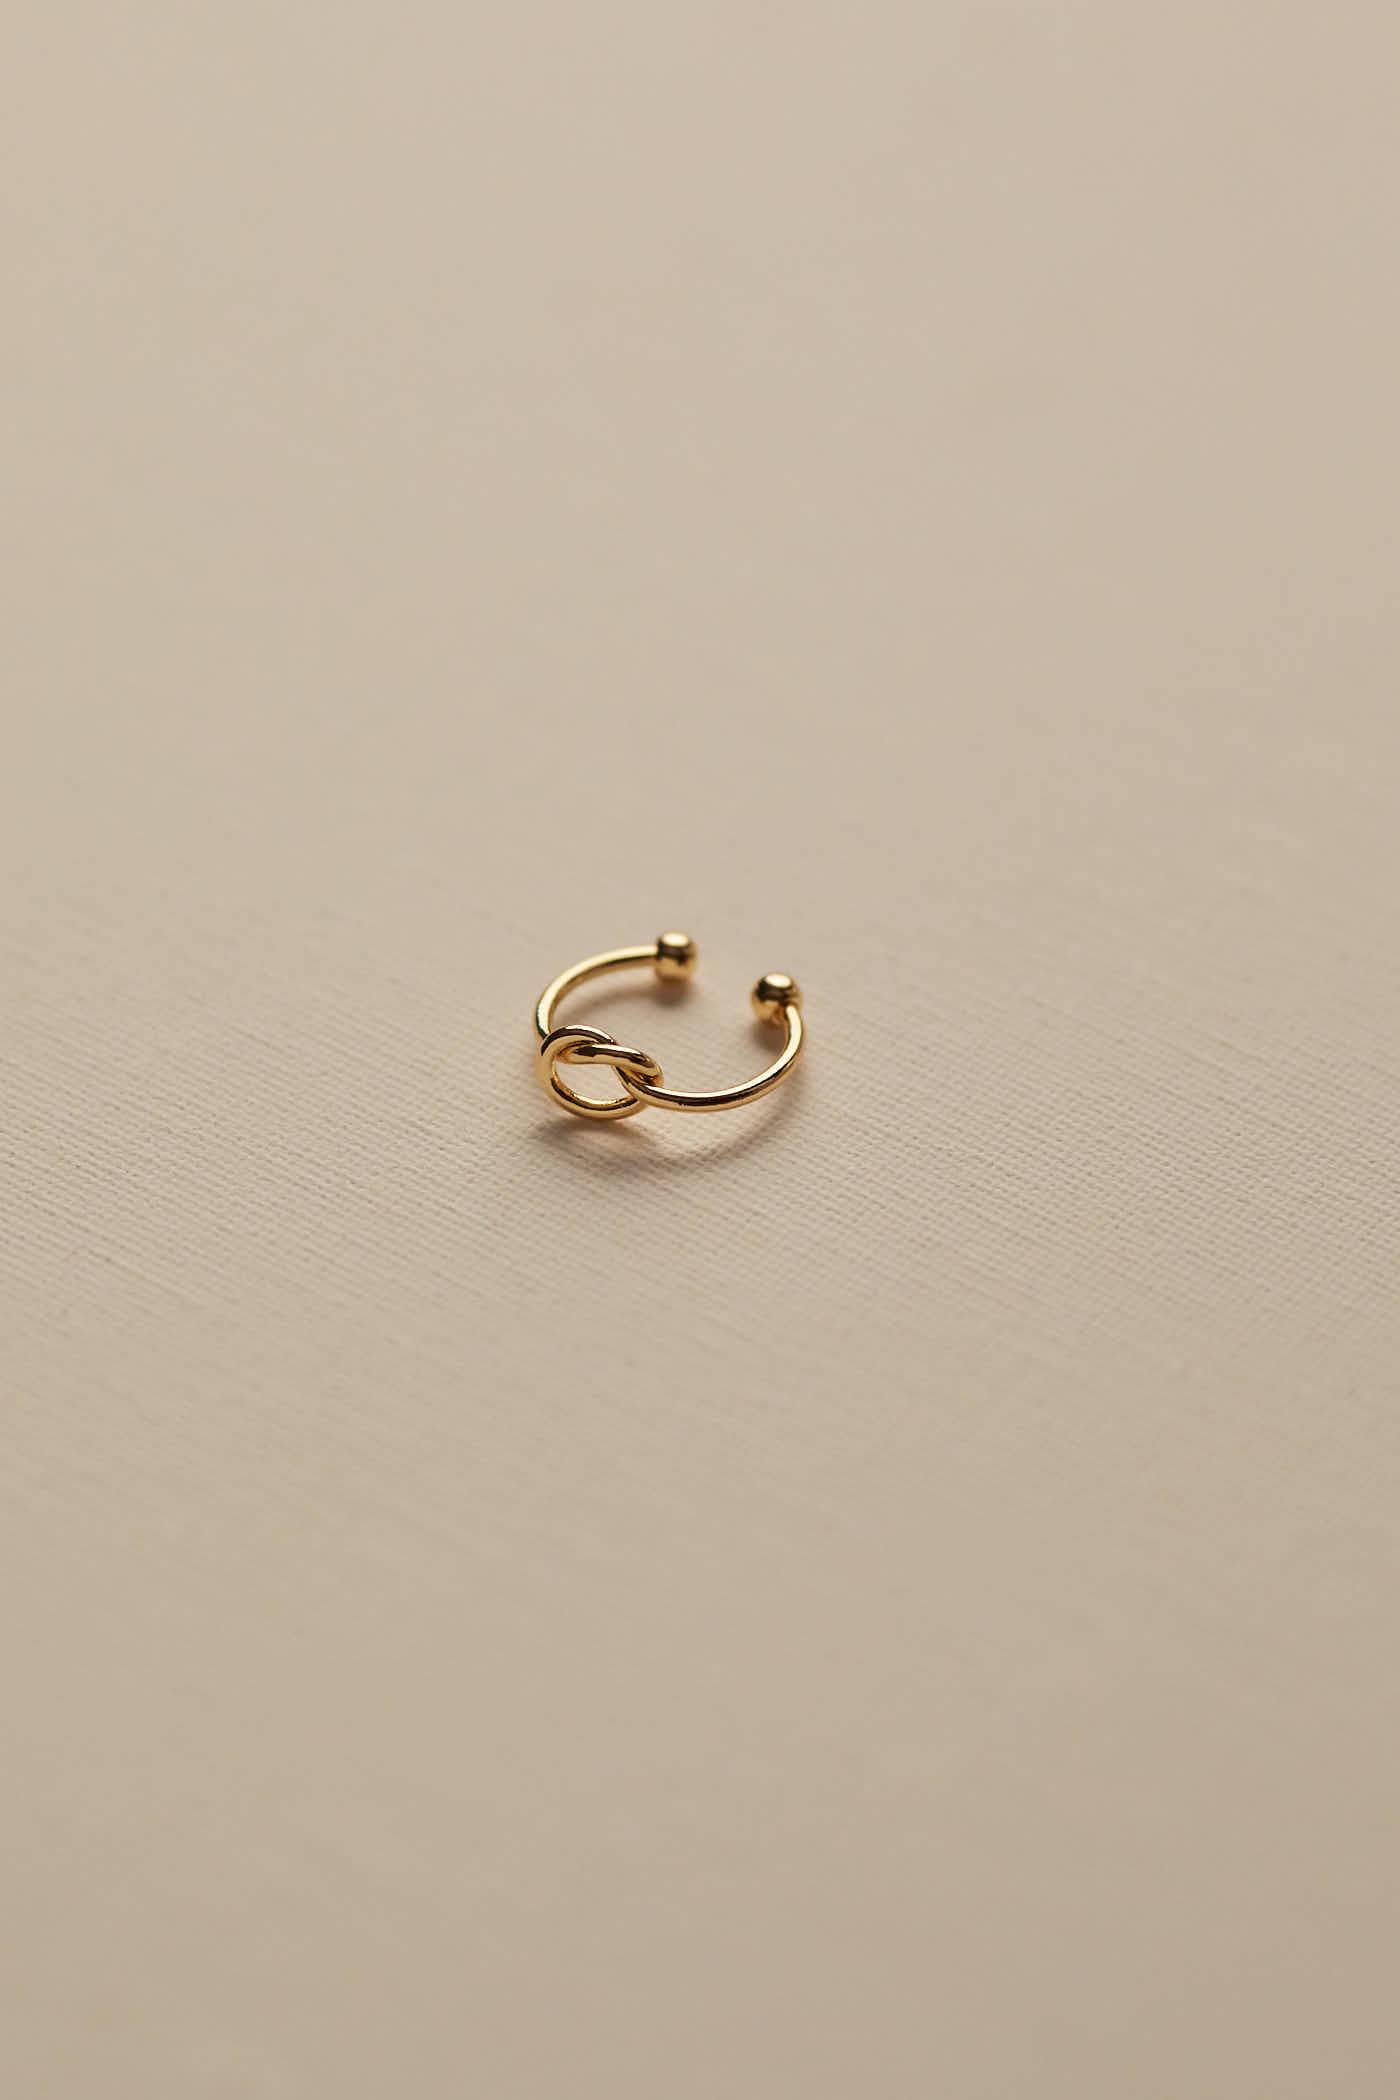 Tilda Knot Ring